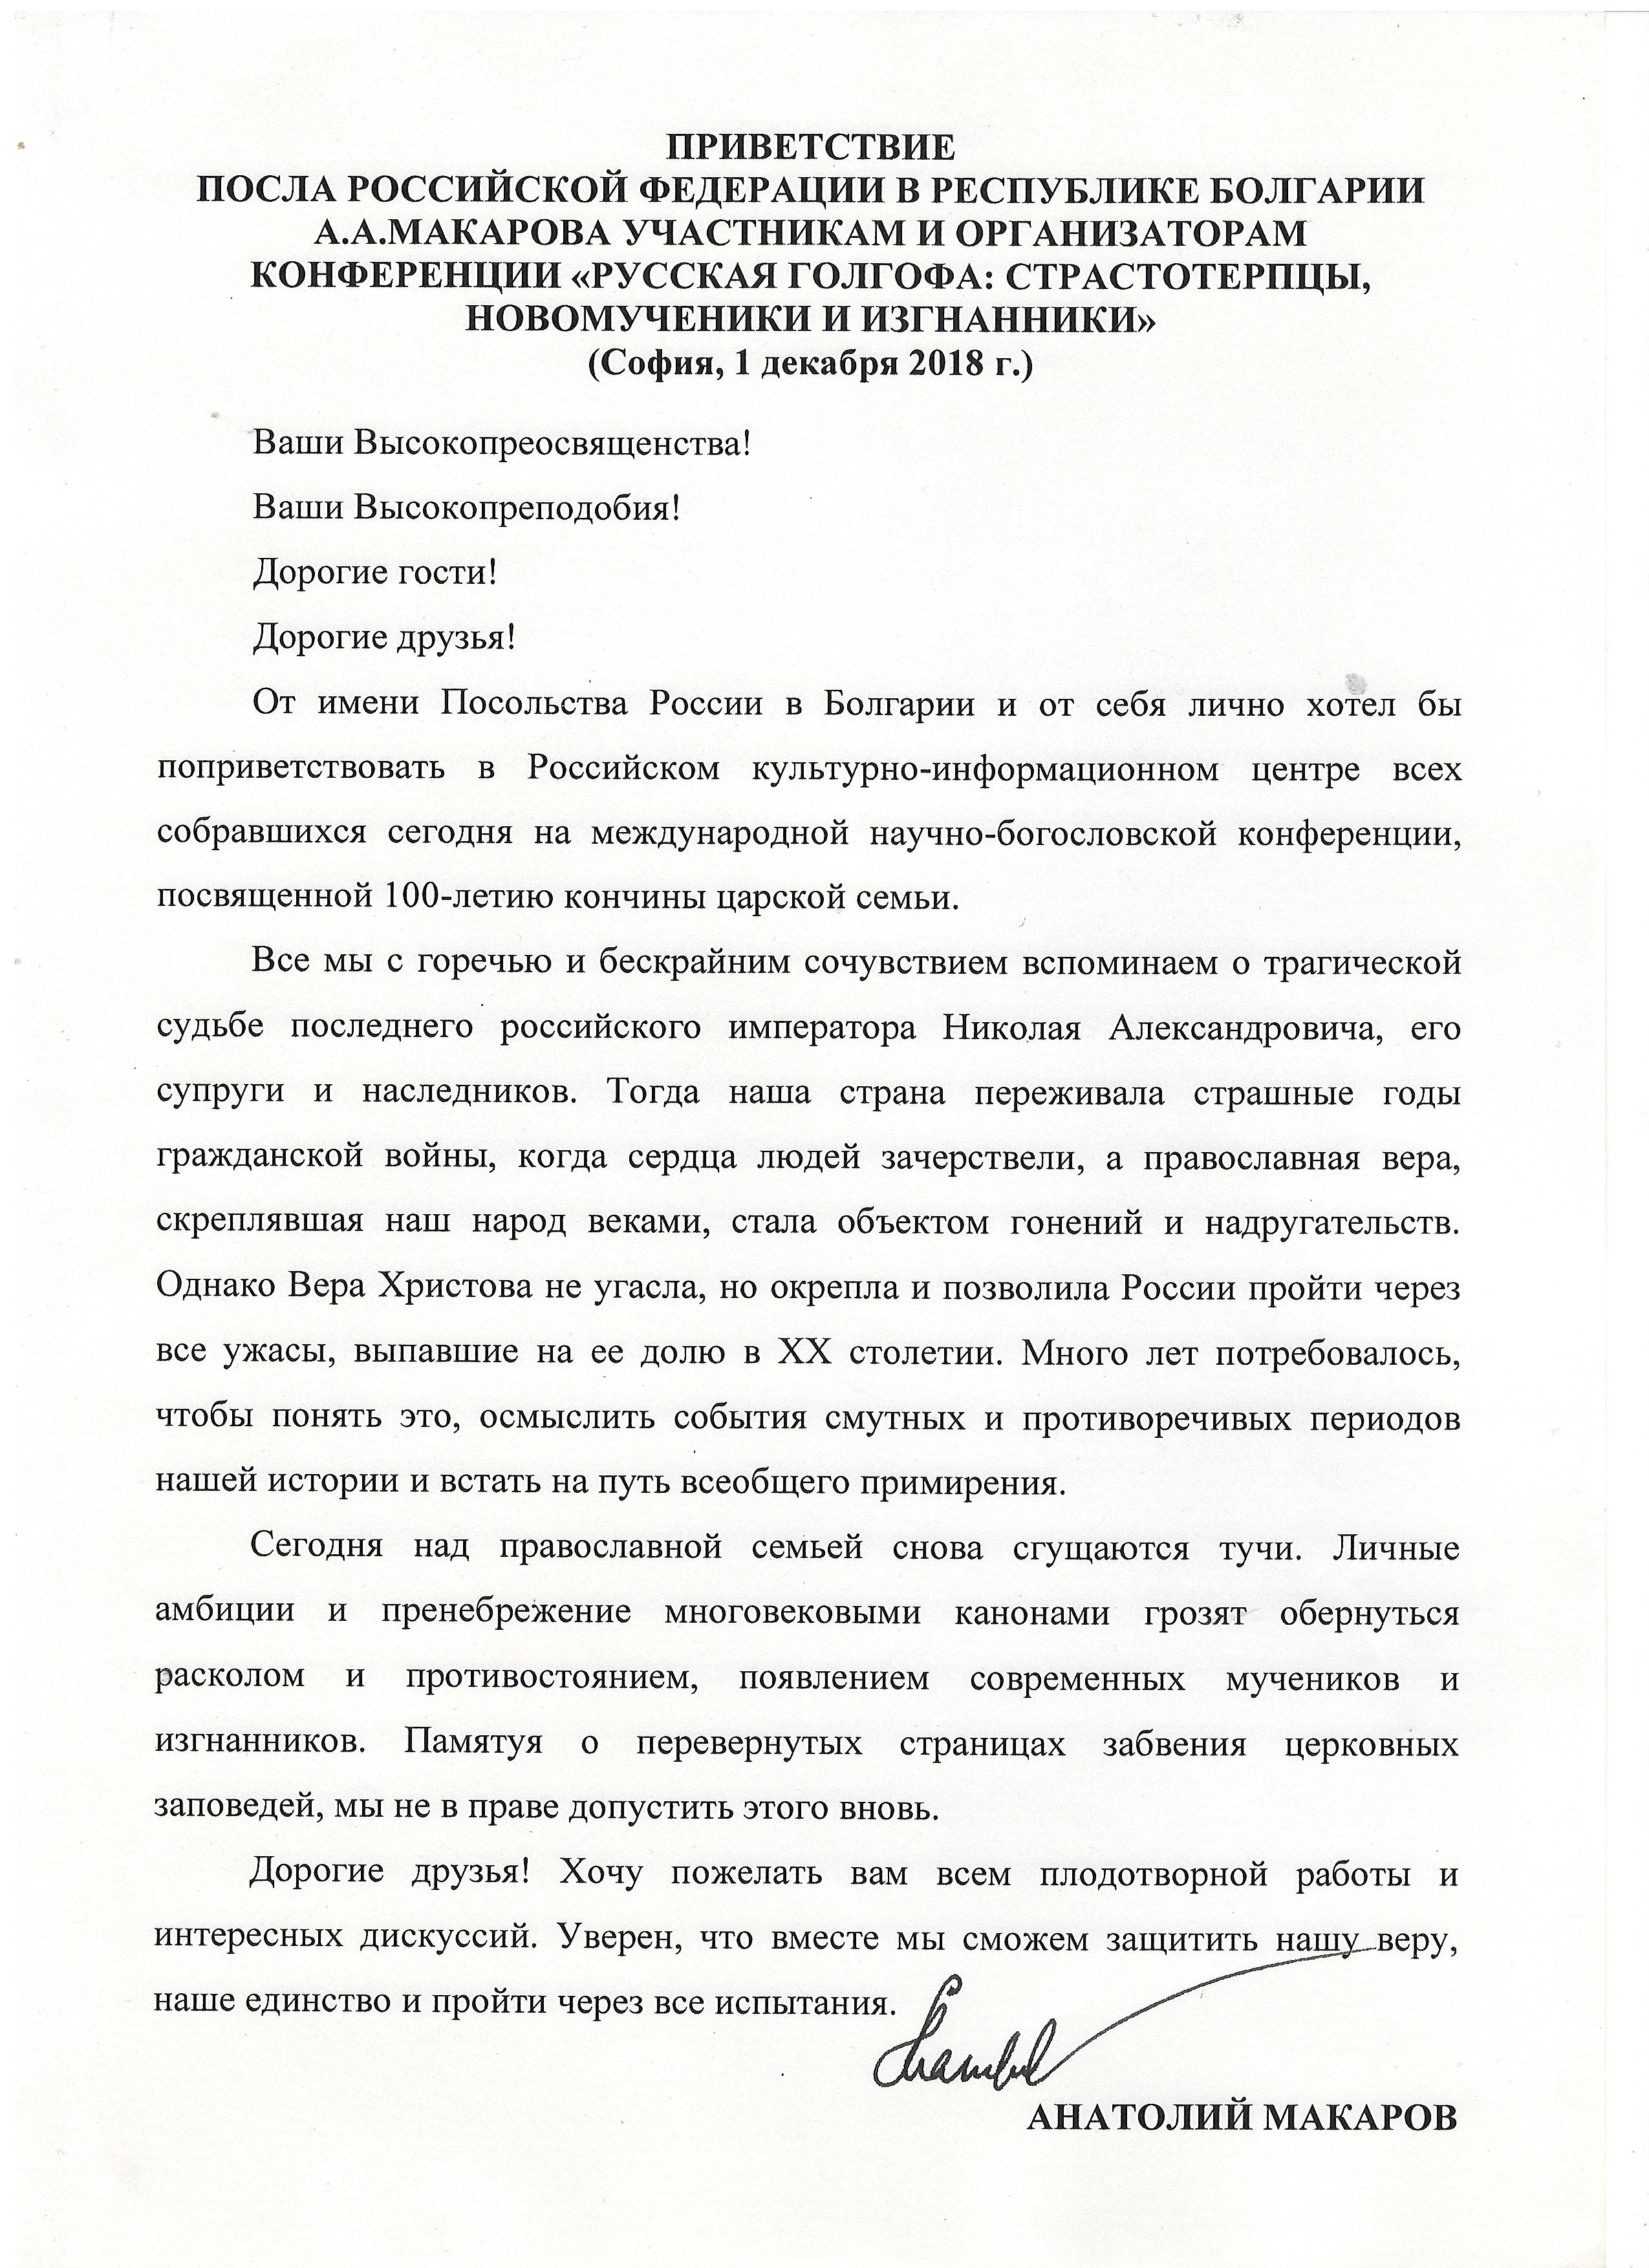 Приветствие Чрезвычайного и Полномочного Посла РФ в Болгарии А.А. Макарова